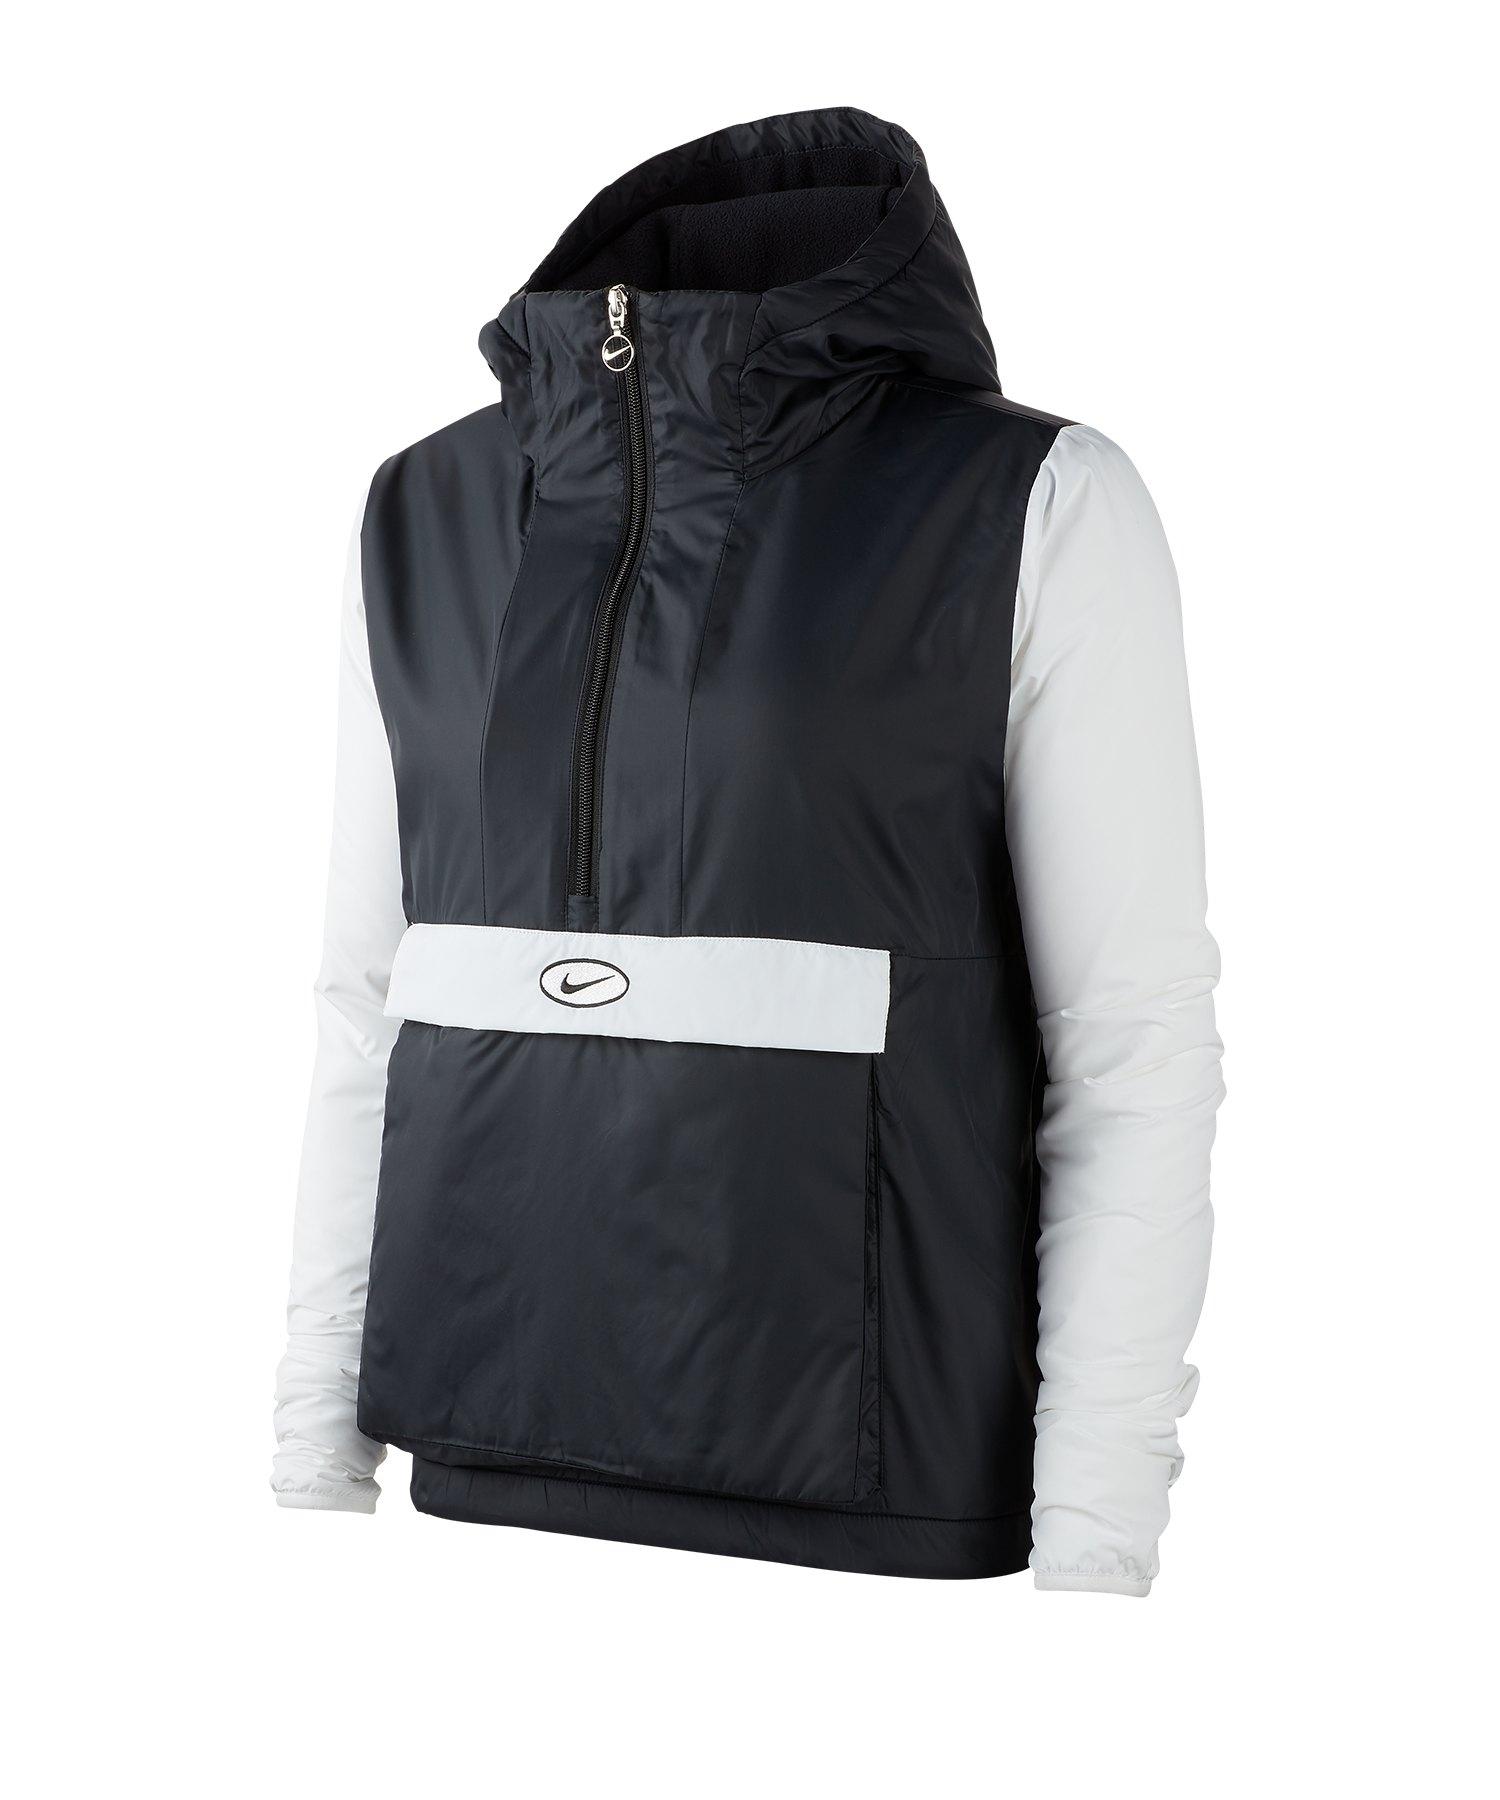 Nike Swoosh Jacket Jacke Schwarz Weiss F013 - schwarz